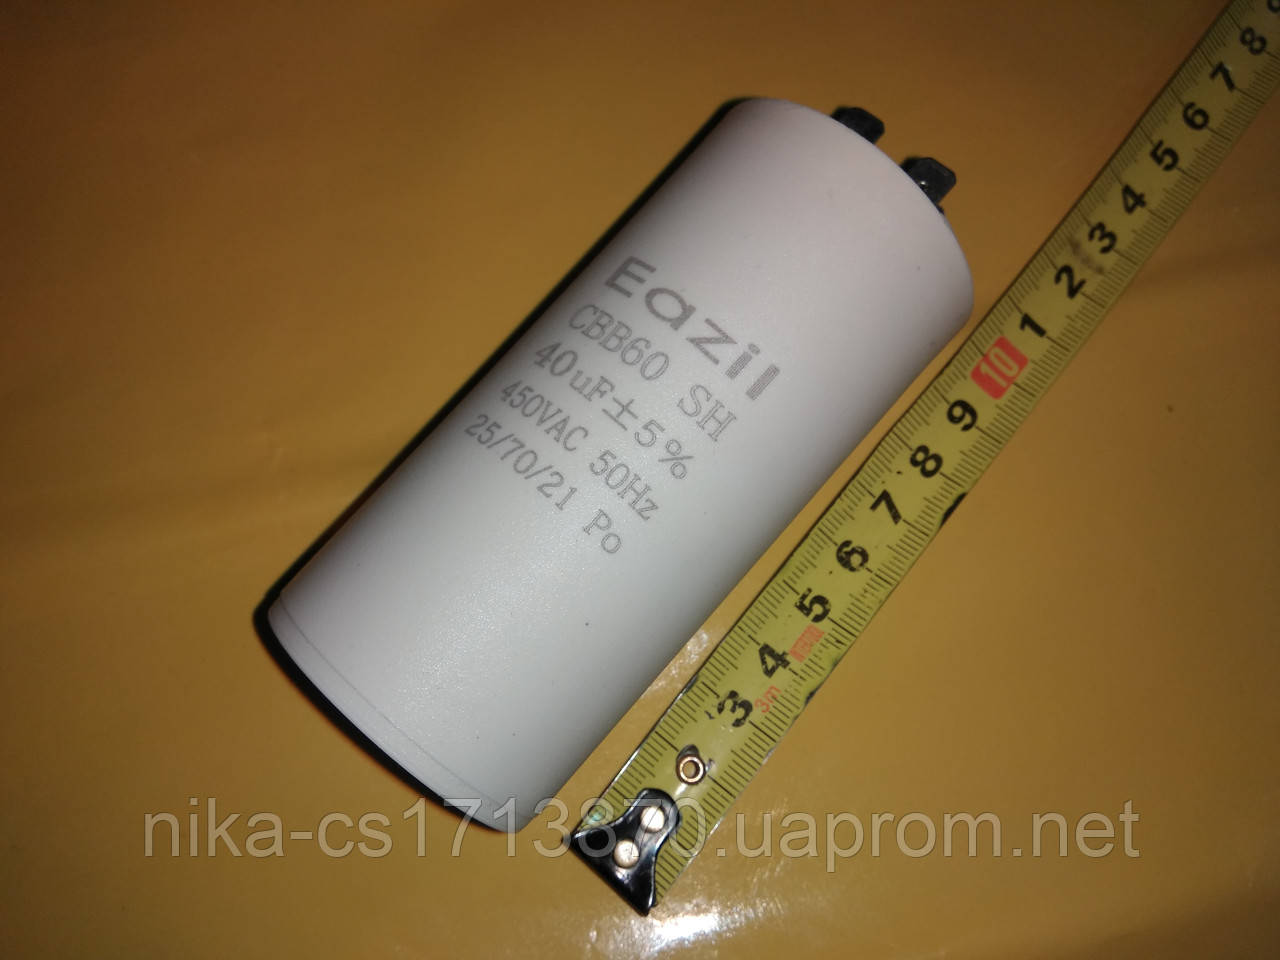 Конденсатор рабочий CBB60 / 40 мкФ±5% / 450 В. / 50/60 Hz .